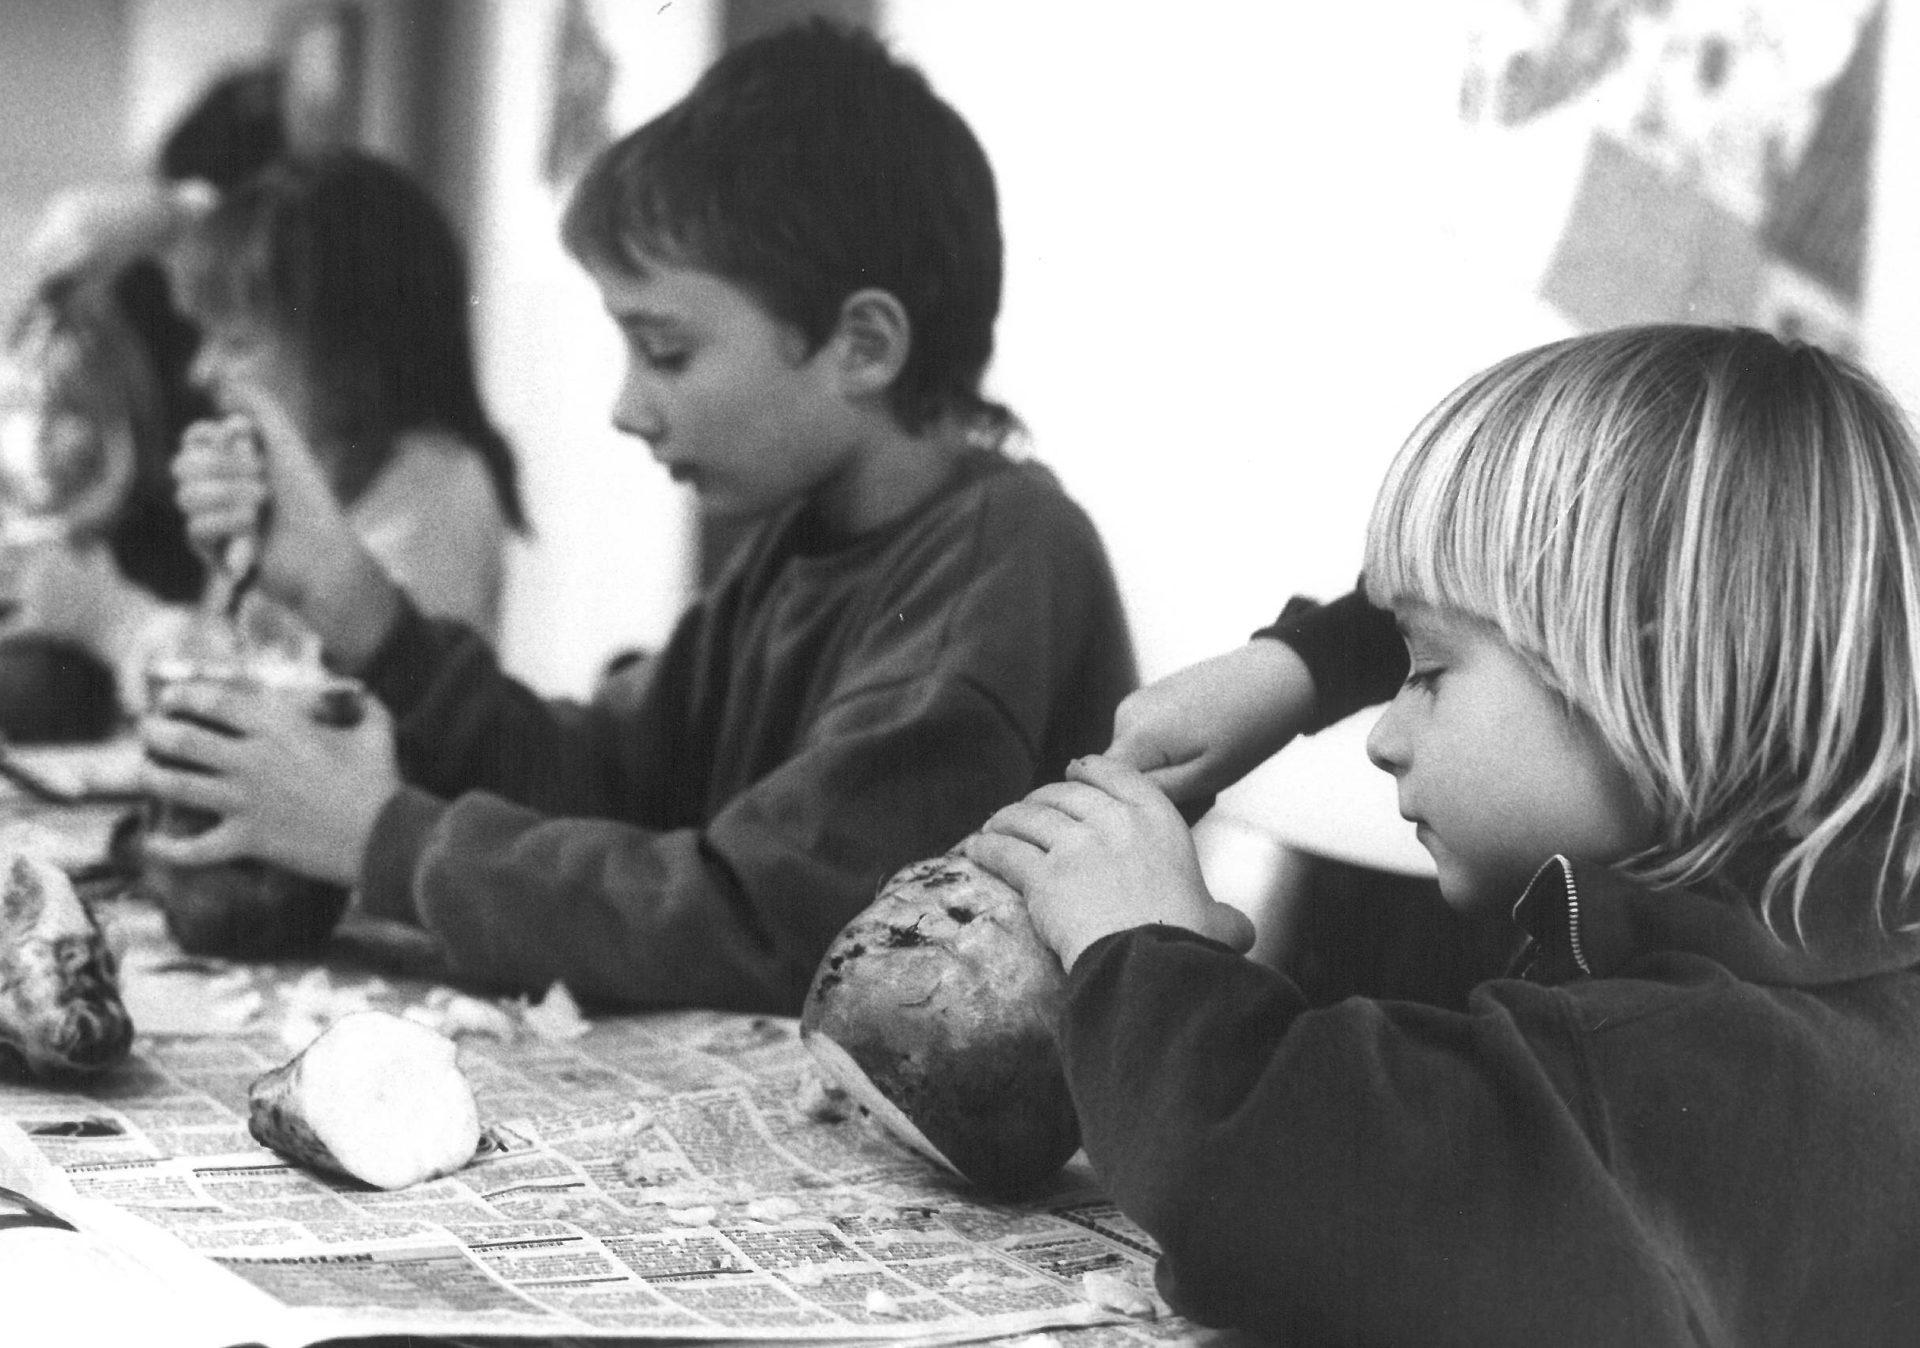 Børn laver roelygter